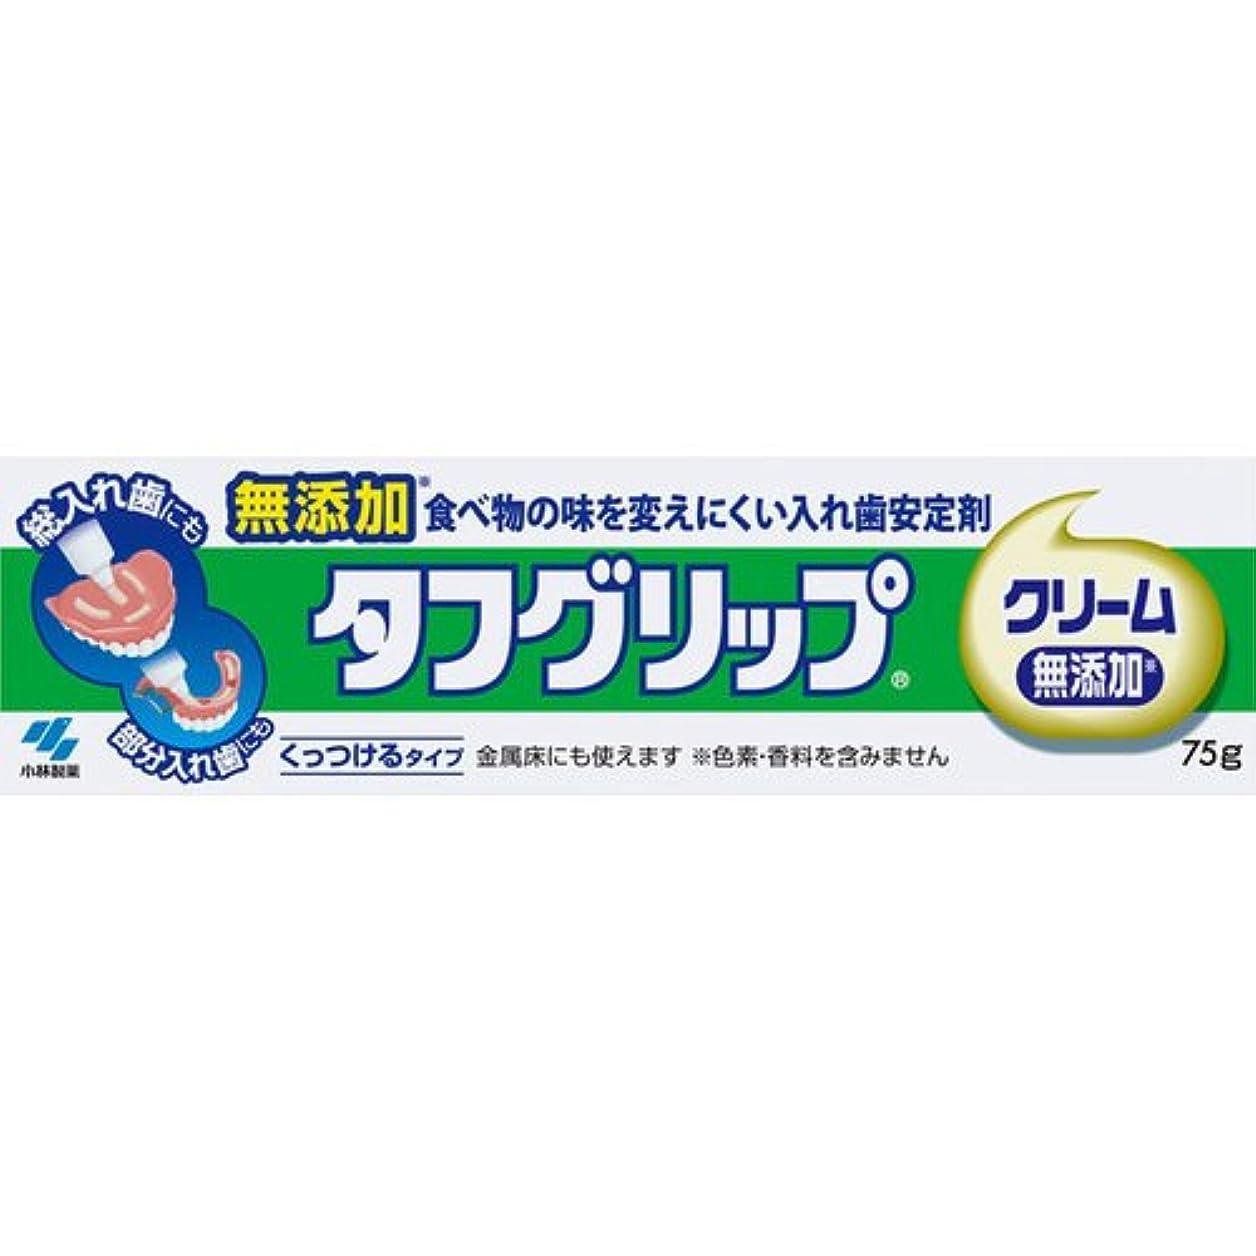 コインランドリーメニュー懇願する【小林製薬】タフグリップクリーム 無添加 75g